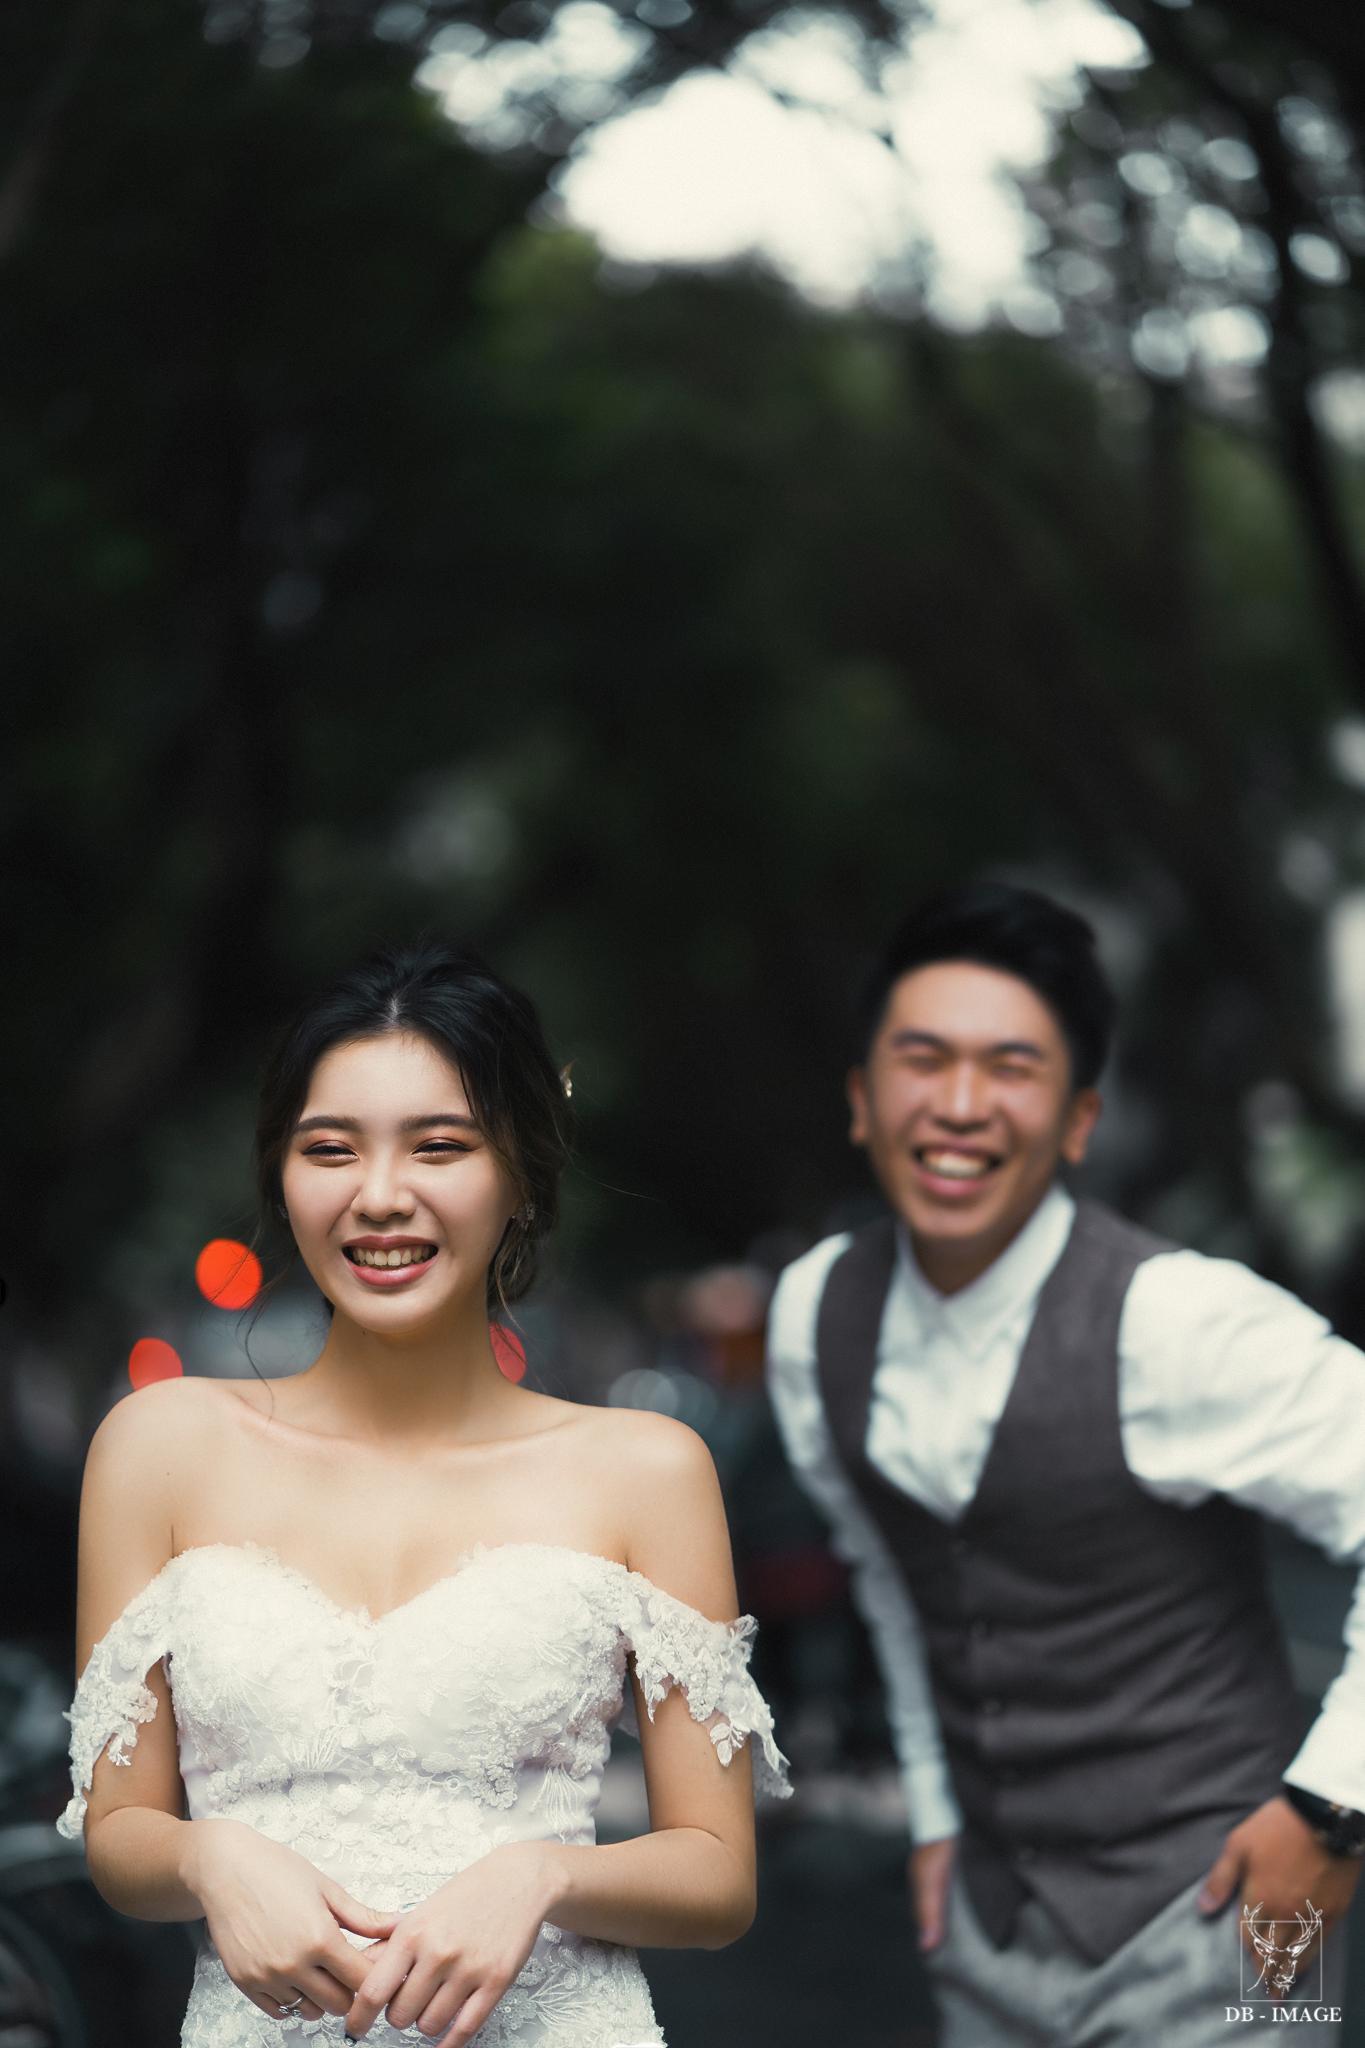 美式婚紗 婚紗攝影 冬伴影像 攝影師 冬伴 北部攝影 新竹攝影 台北攝影 自主婚紗 自助婚紗 富錦街婚紗 冷水坑婚紗 陽明山婚紗_DB_4125